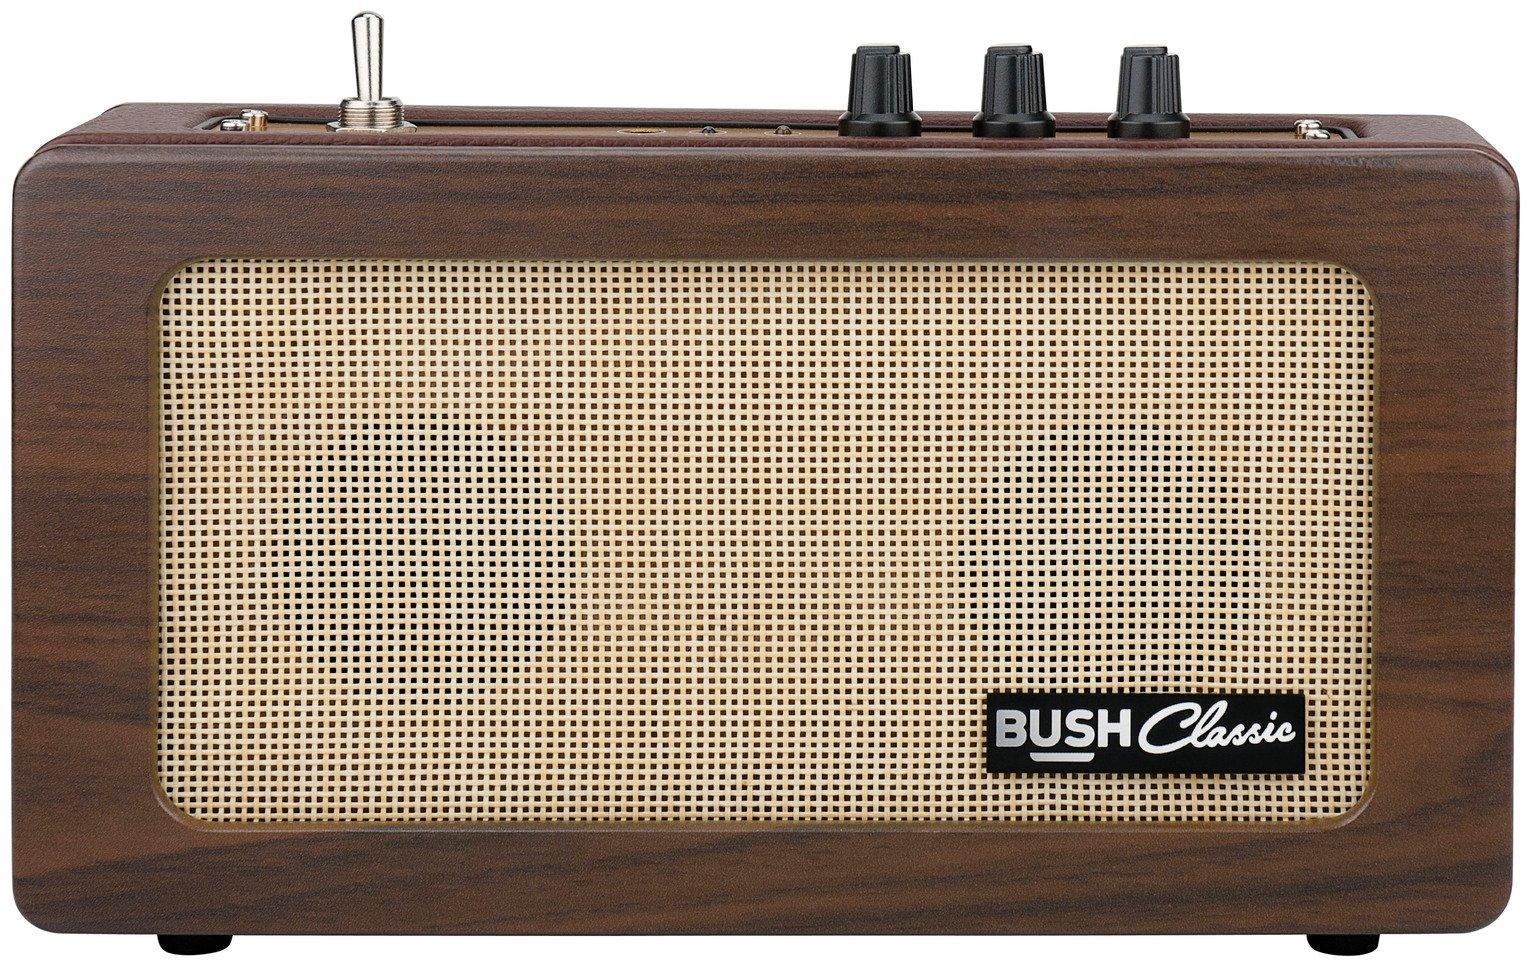 Bush Classic Retro Bluetooth Mini Speaker